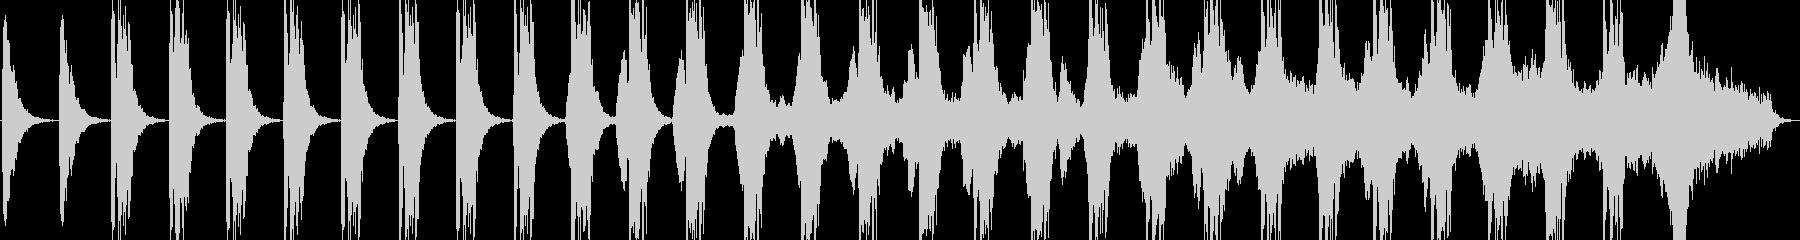 戦闘向けダークな雰囲気のBGMの未再生の波形